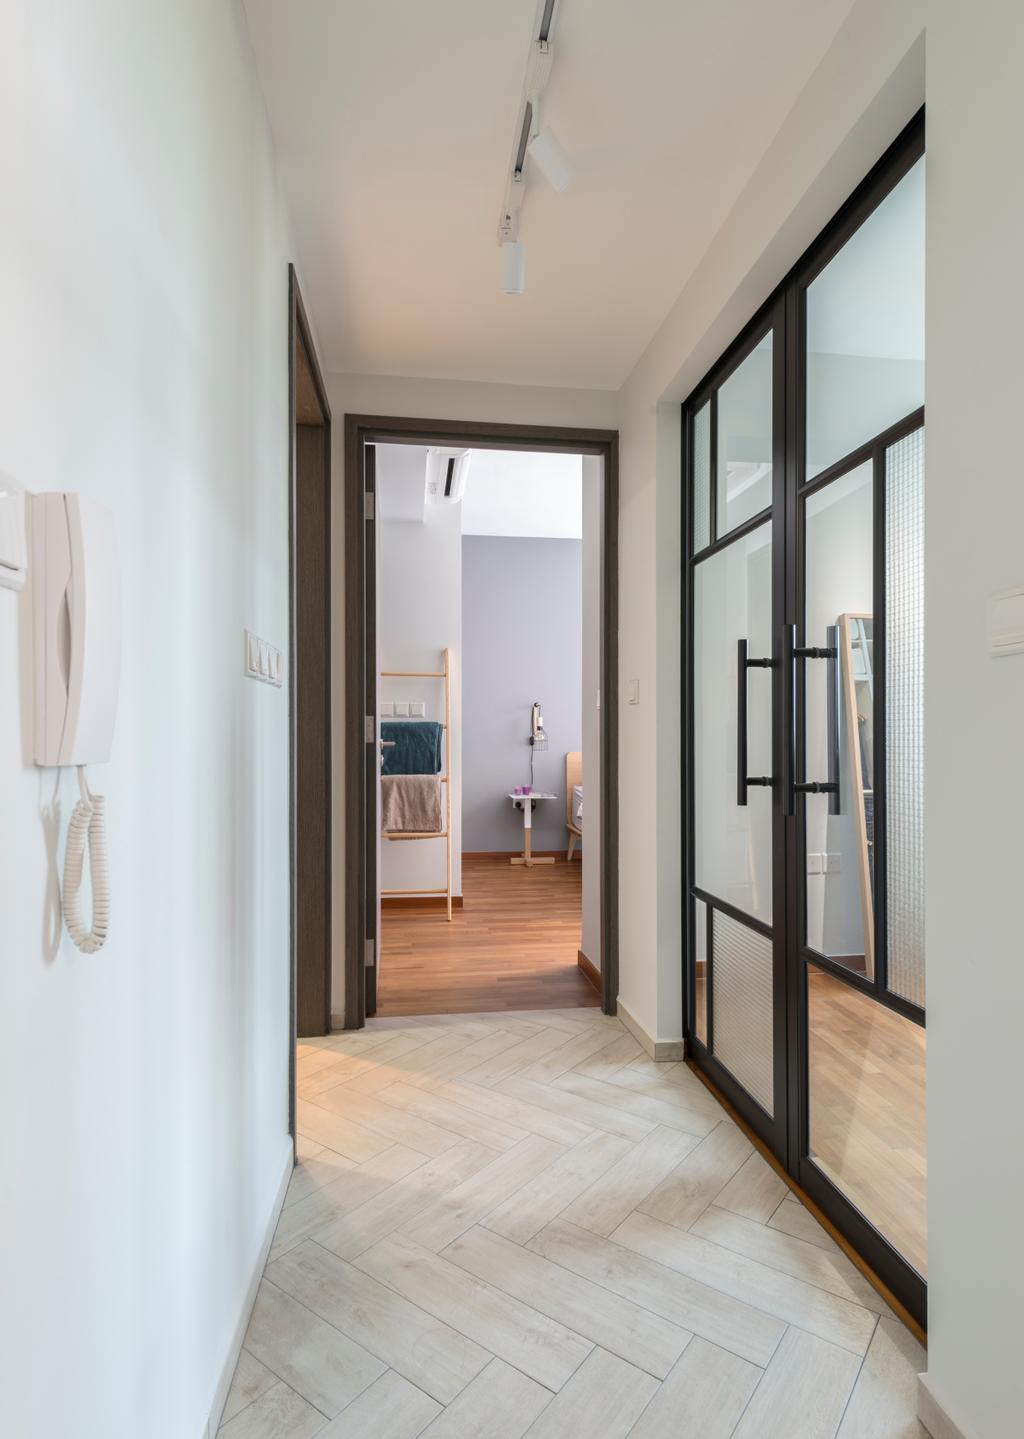 Scandinavian, Condo, Q Bay Residences, Interior Designer, Meter Square, Corridor, Hallway, Door, Sliding Door, Folding Door